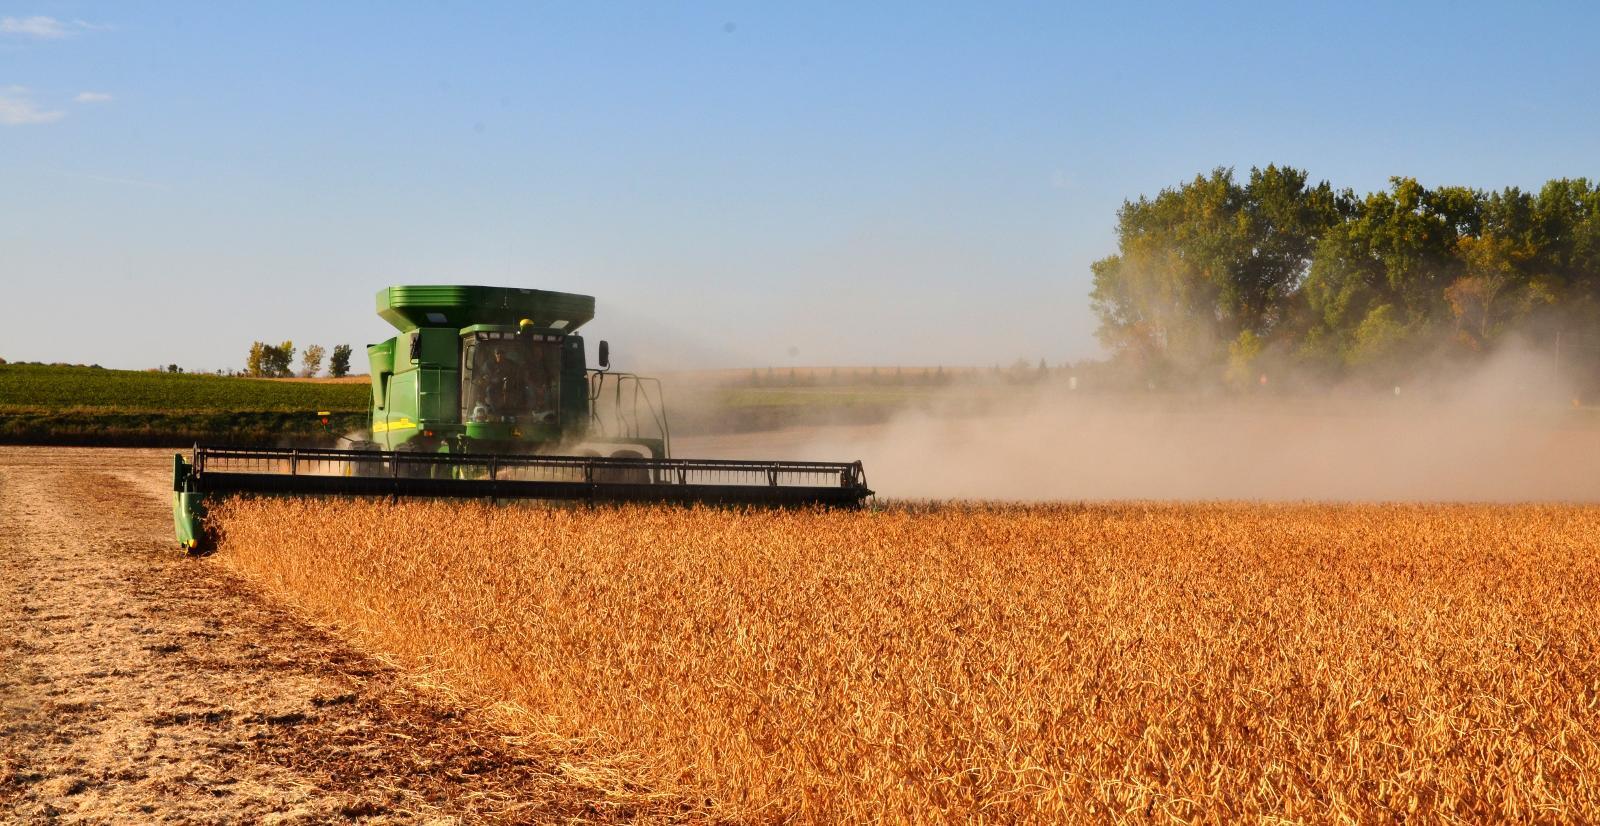 SOYA: I 2013 var det totale forbruket av soyamel i norsk landbruk rundt 205 000 tonn. (Foto: Tor Jostein Sørlie)